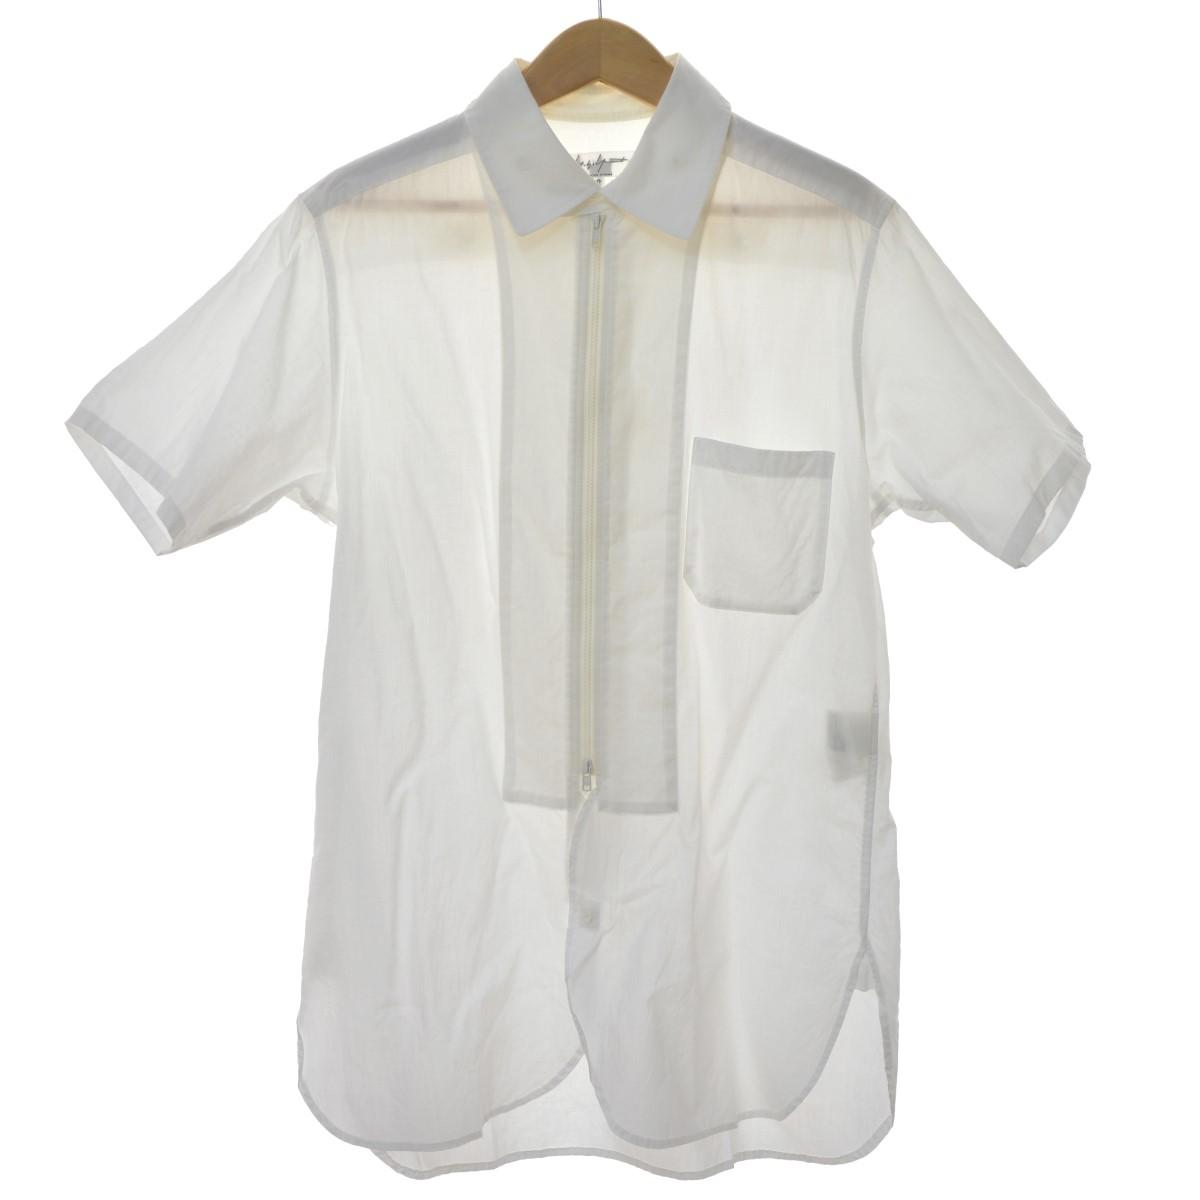 【中古】YOHJI YAMAMOTO pour homme ジップアップシャツ ホワイト サイズ:2 【130420】(ヨウジヤマモトプールオム)